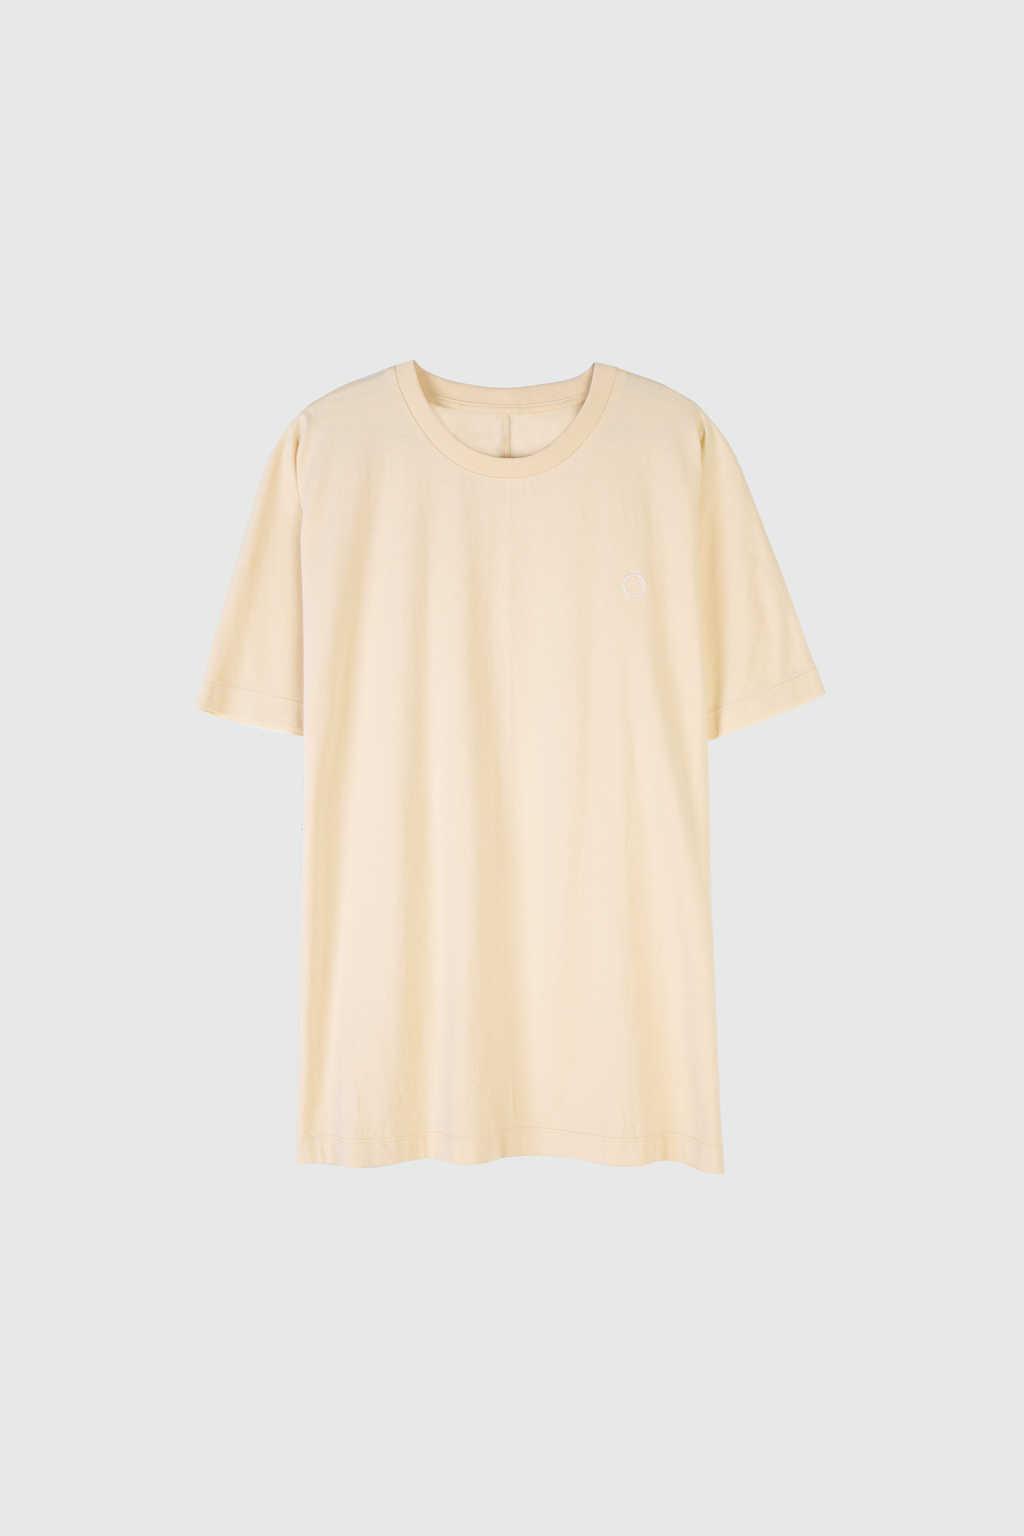 TShirt 3315 Yellow 11